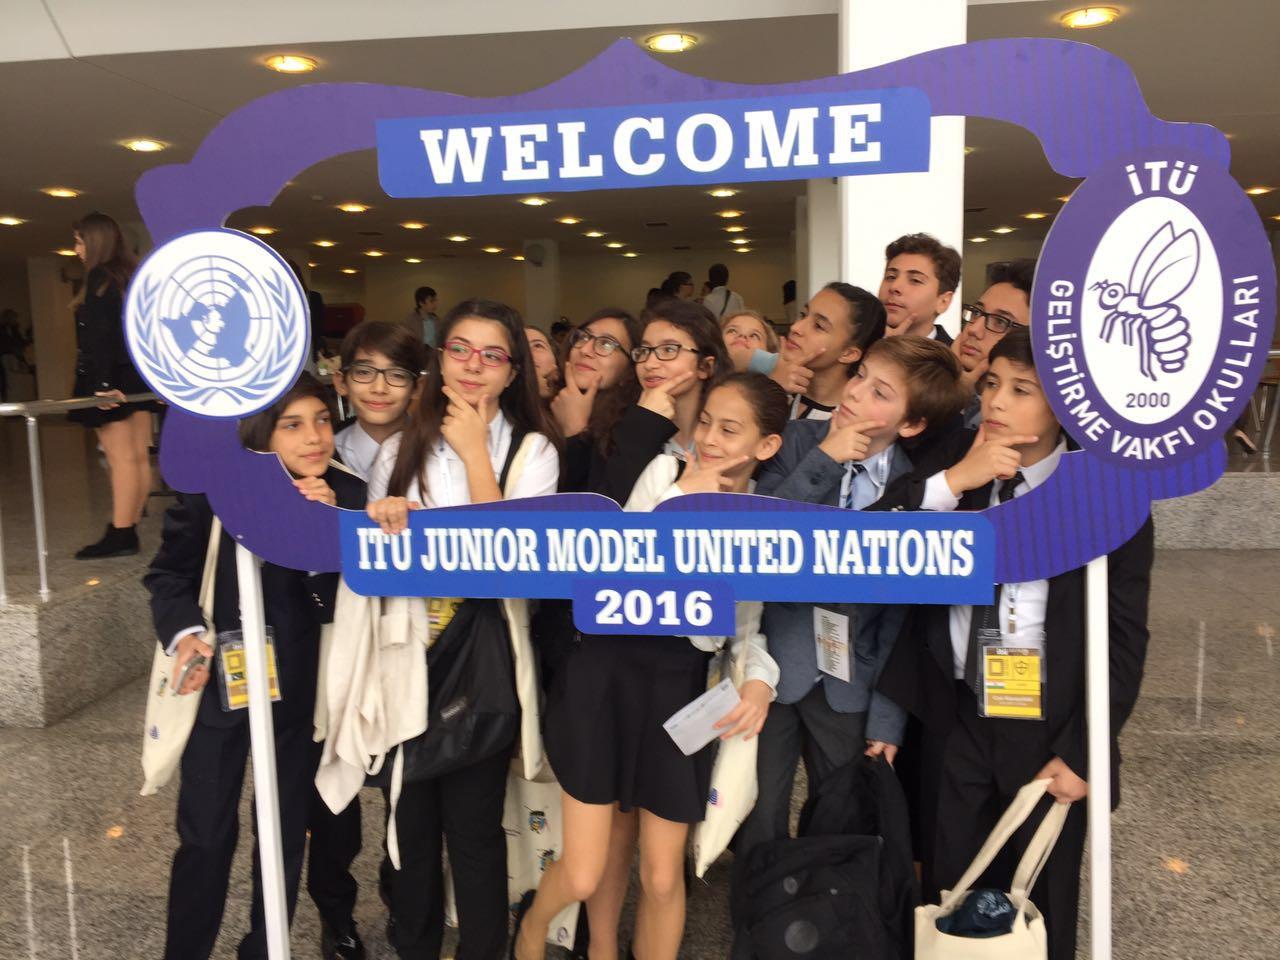 JMUN Kulübü öğrencilerimiz mülteci haklarını savunuyor